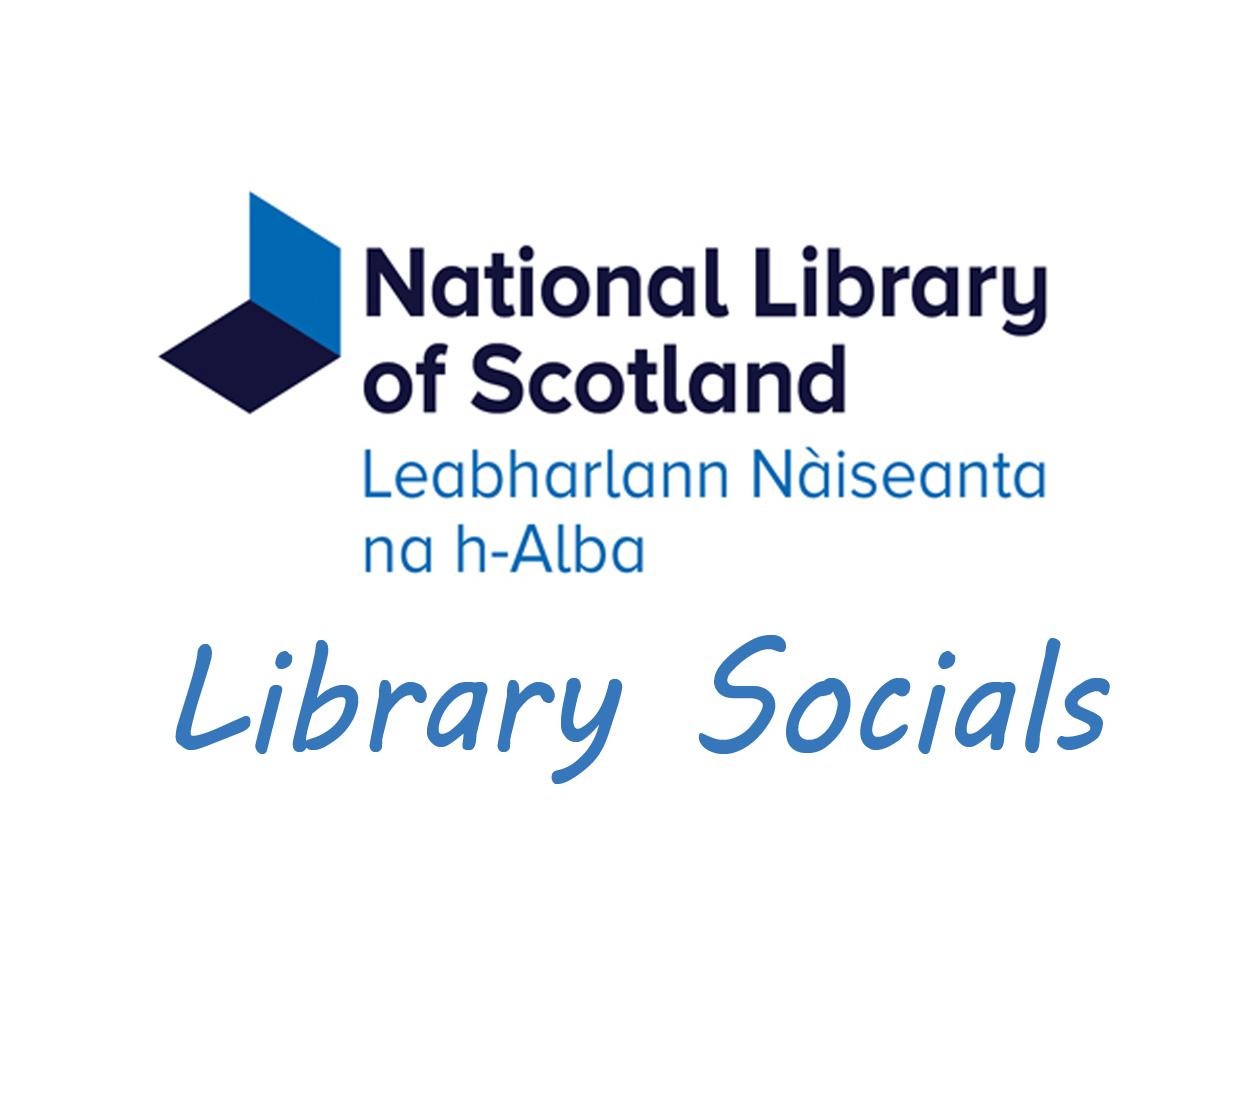 Library Social logo